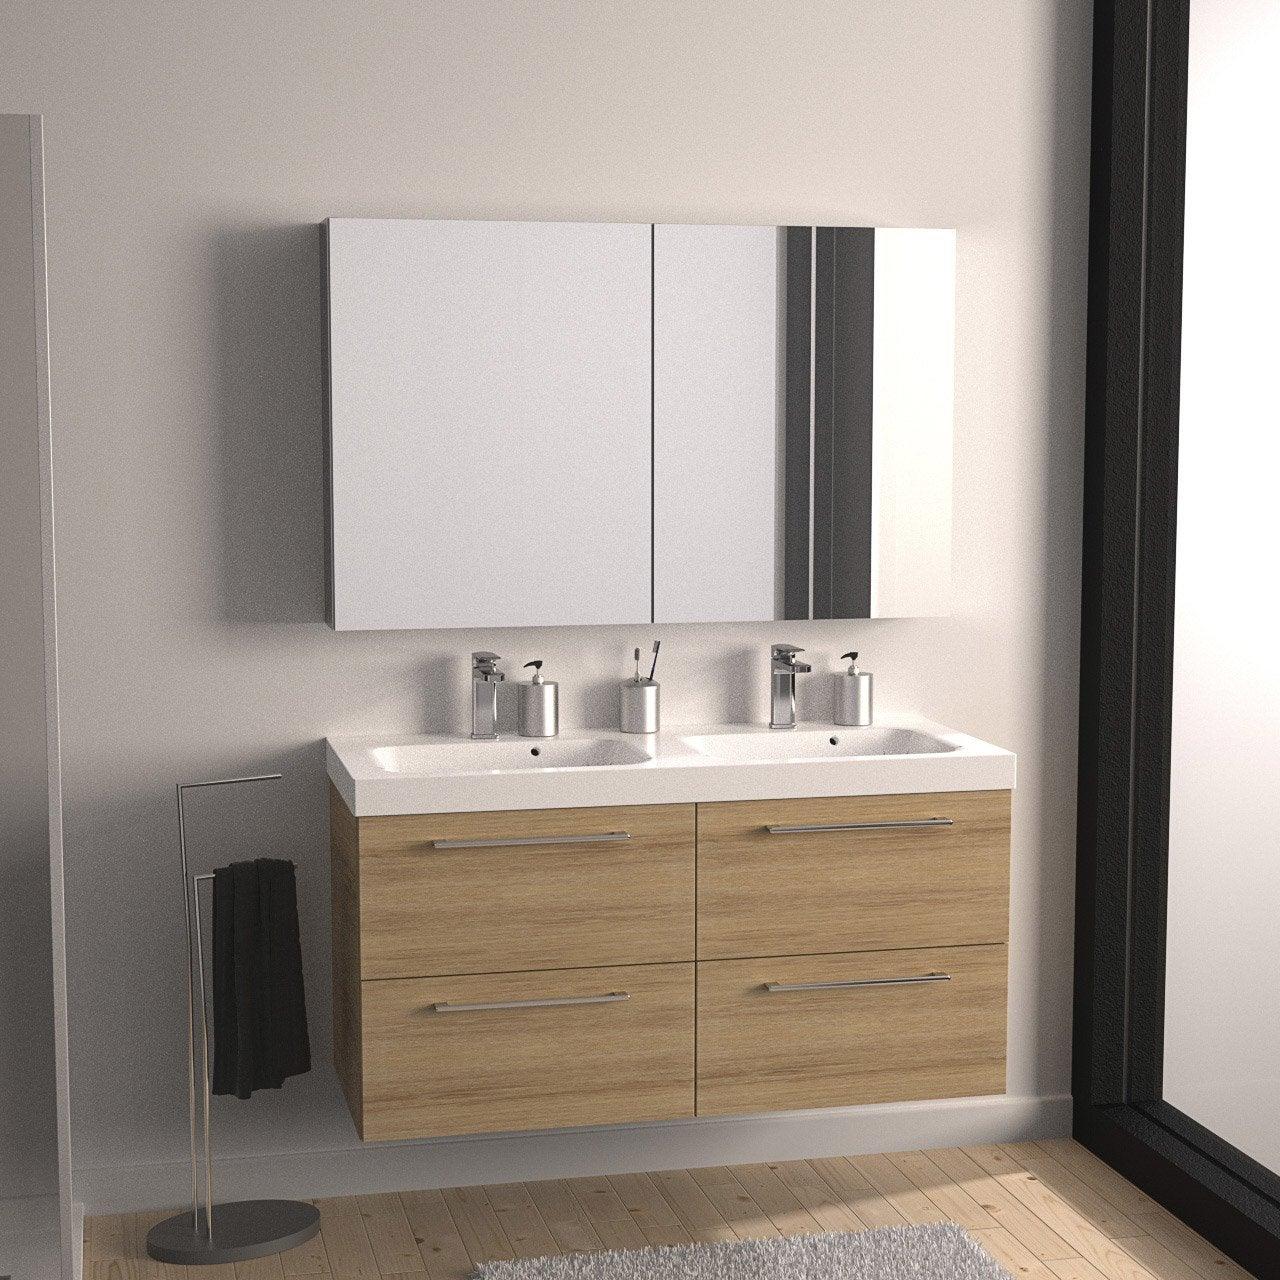 Meuble de salle de bains remix imitation ch ne 121x48 5 for Meuble bas de salle de bain leroy merlin